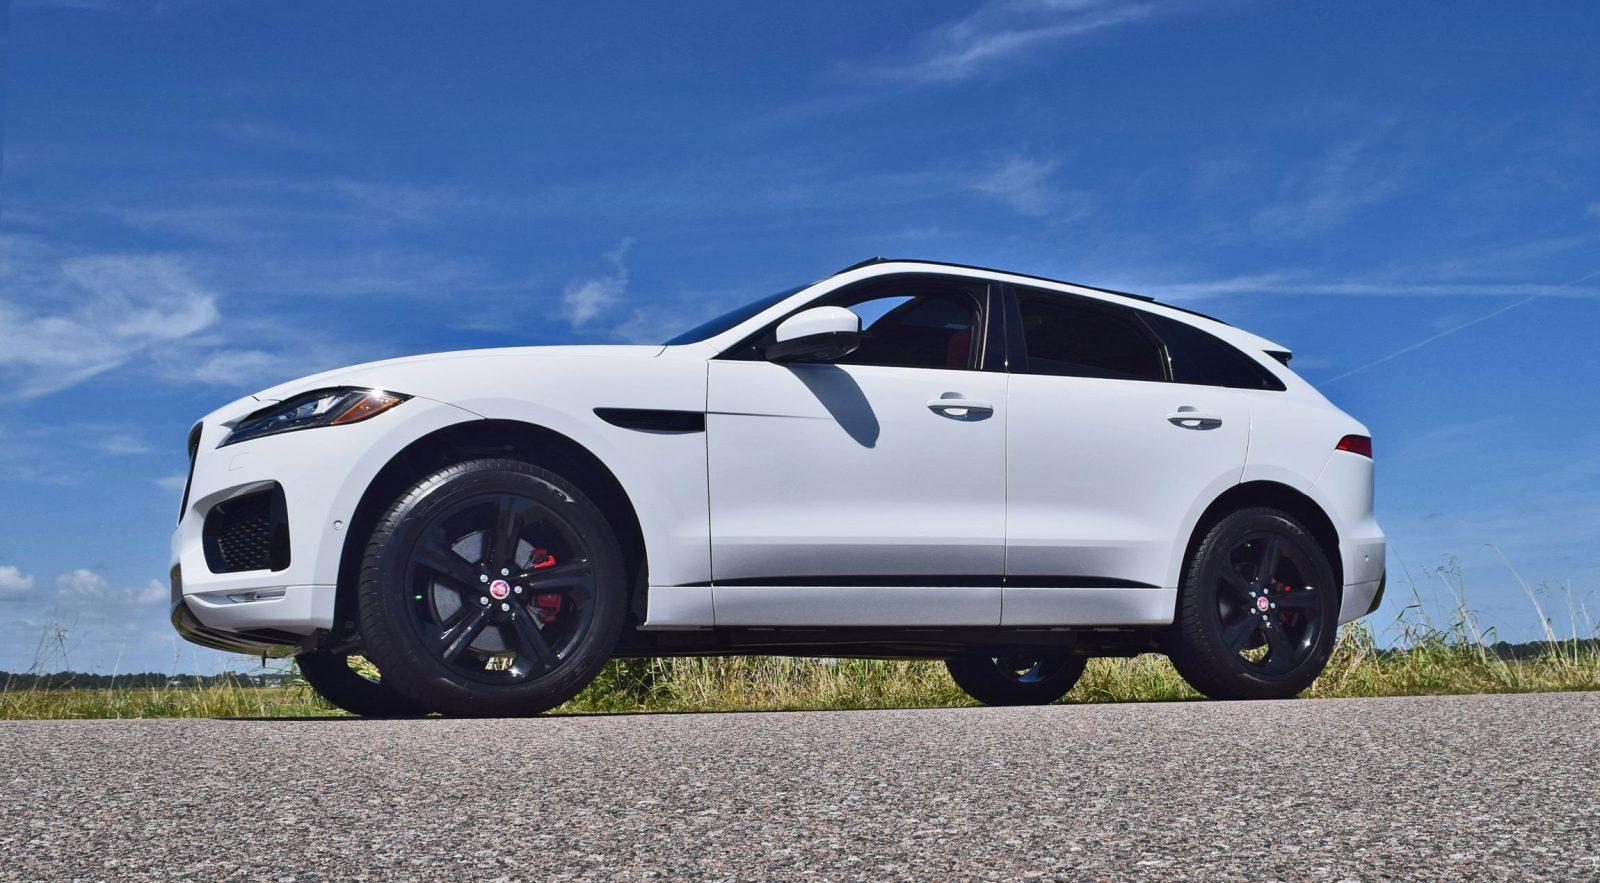 2017 Jaguar F Pace Accessories >> 2017 Jaguar F-Pace S - White Exterior 31